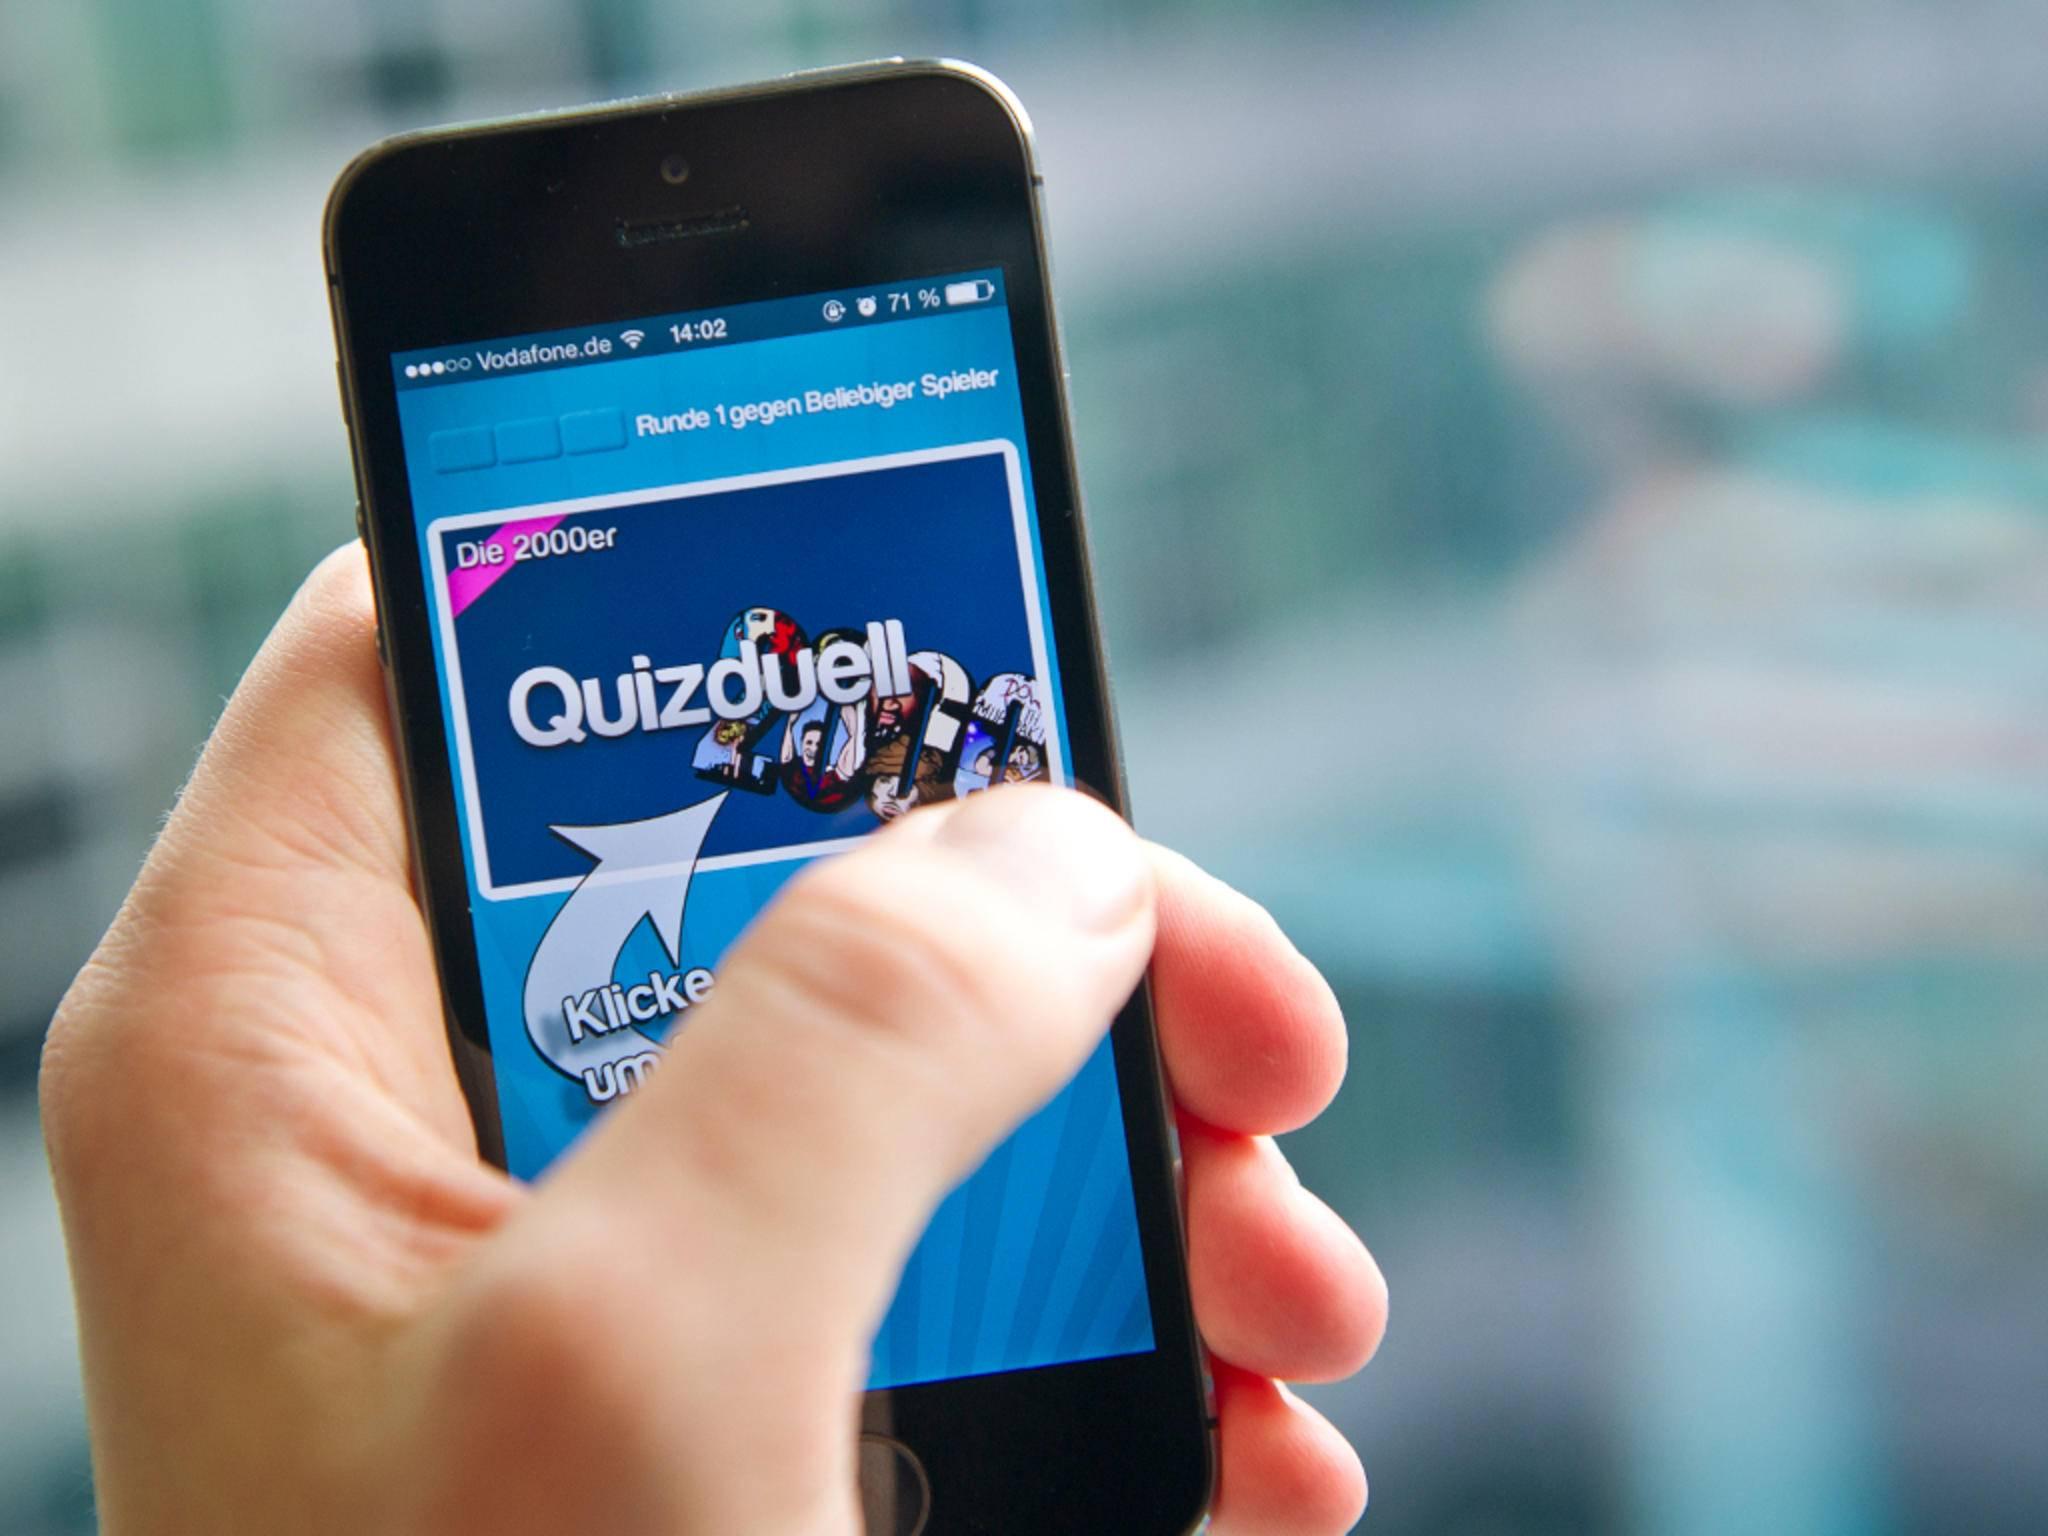 Quizduell gehört zu den beliebtesten iPhone-Spielen.